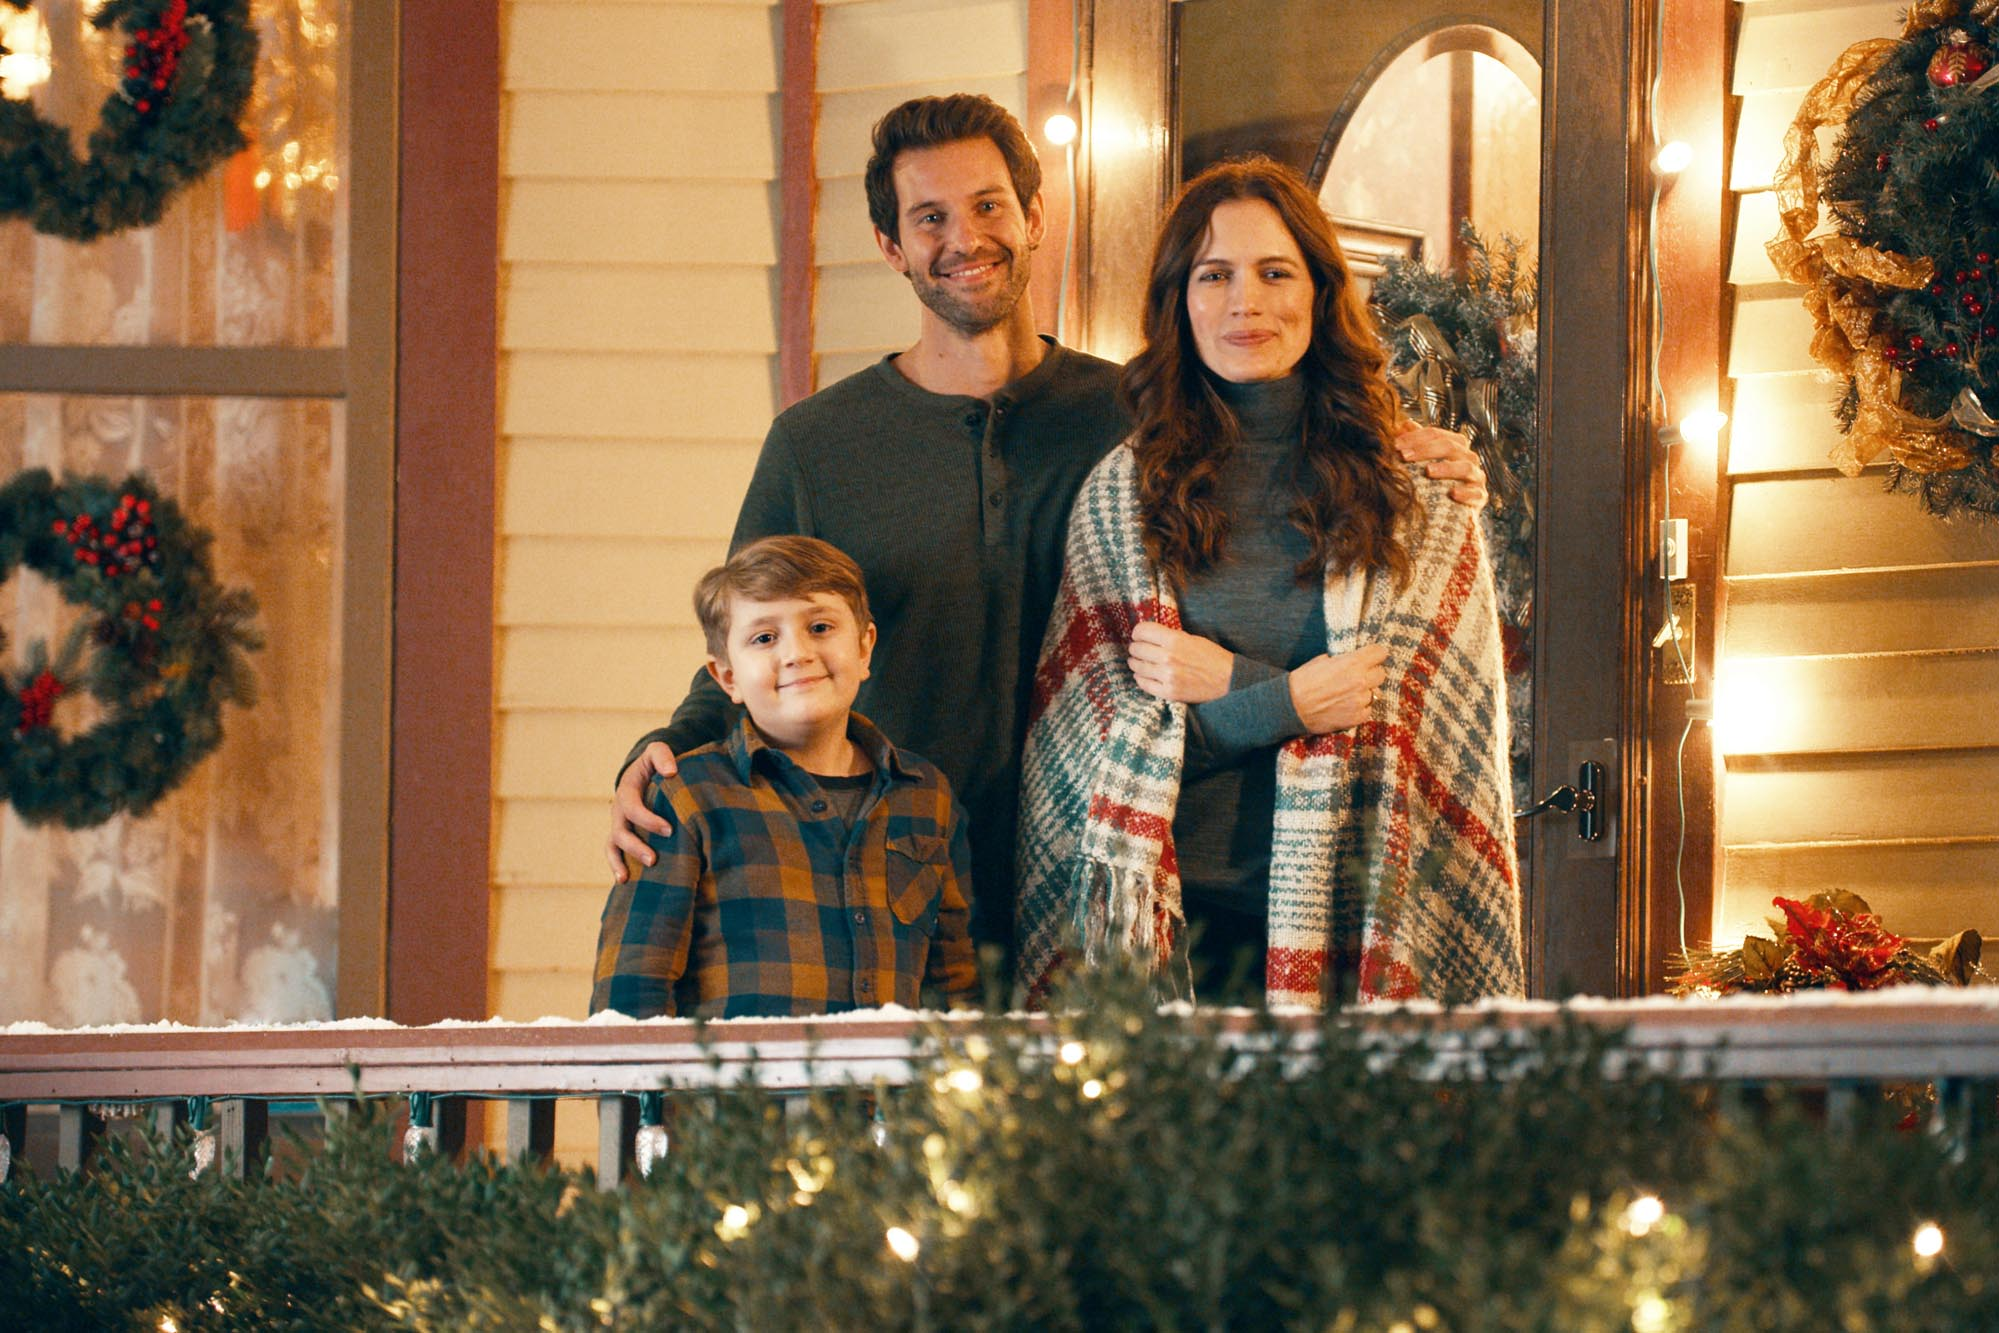 2021 Lifetime Christmas Movies - Rebuilding a Dream Christmas